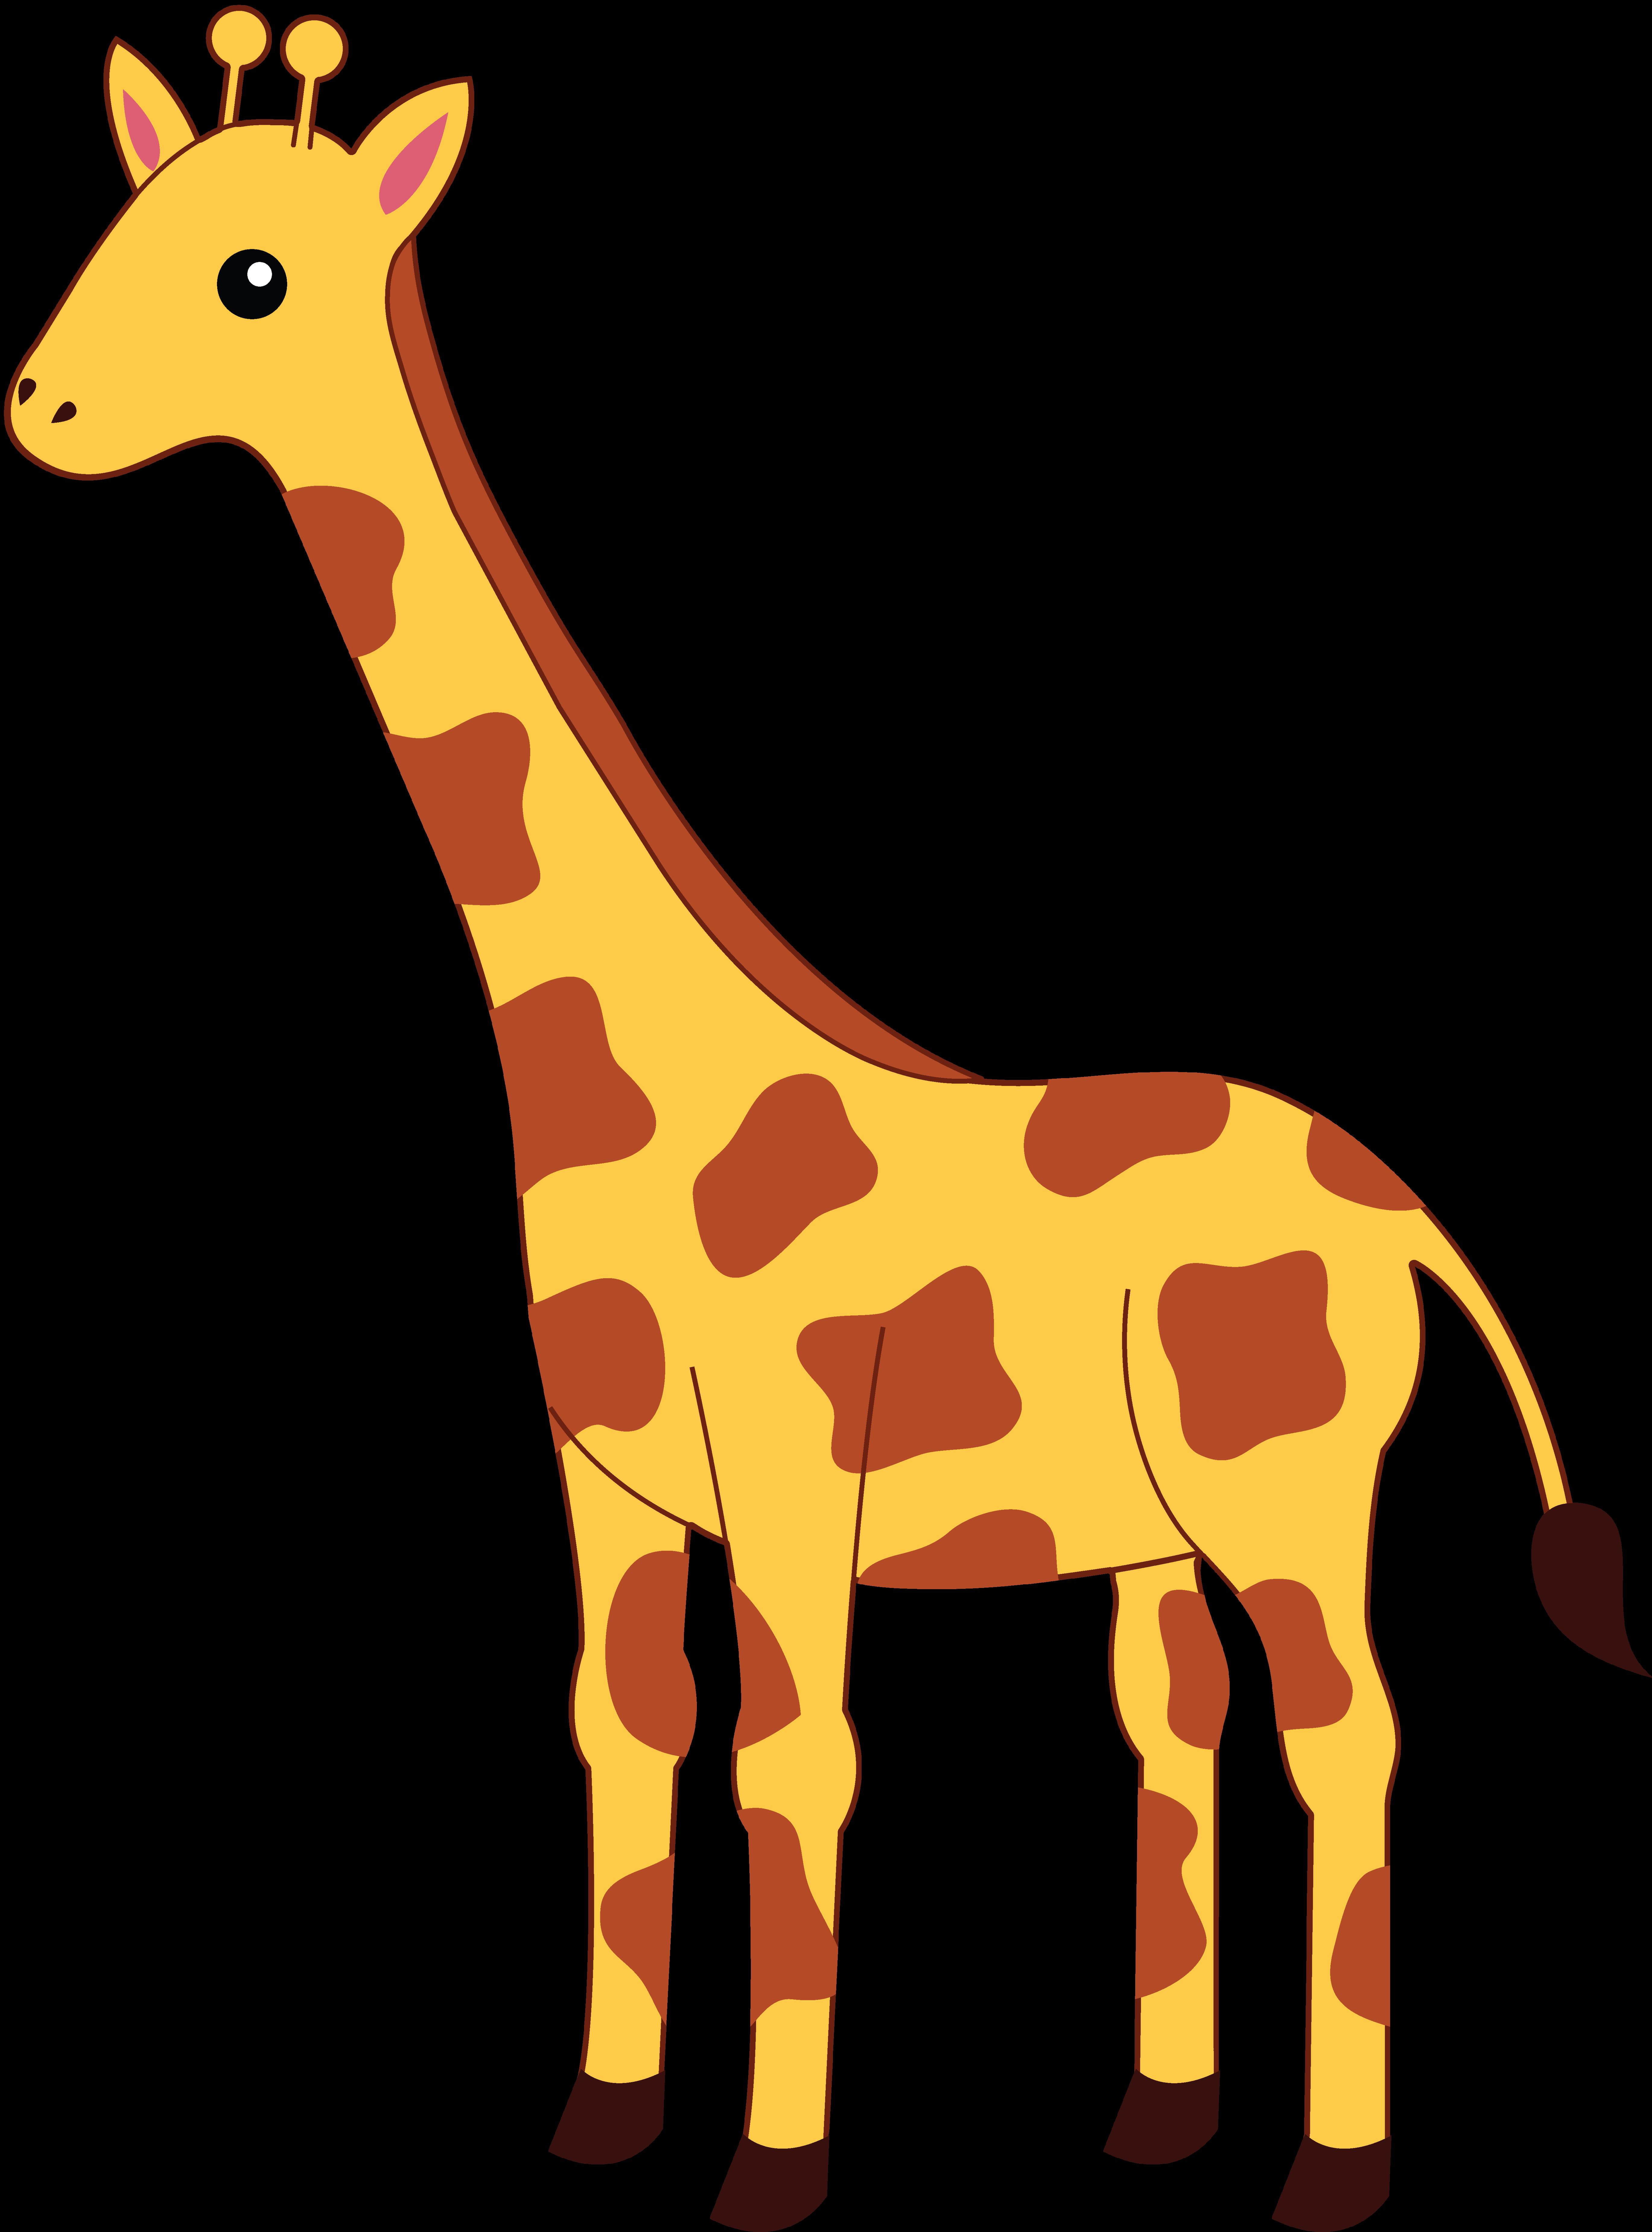 Giraffe clipart kostenlos jpg stock Giraffe clipart for iphone - ClipartFox jpg stock